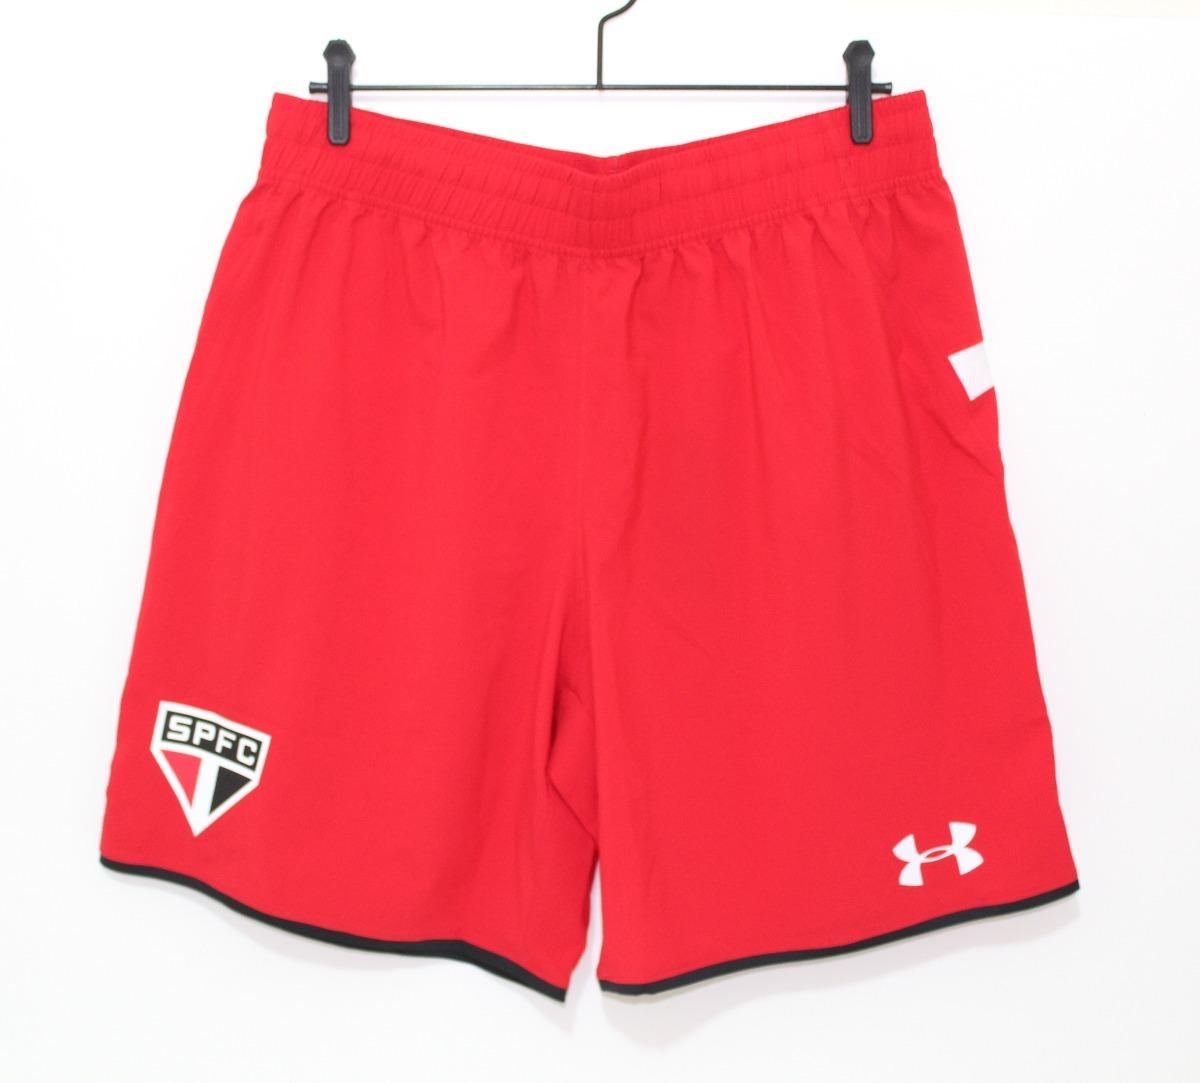 07f36410b calção shorts original são paulo 2015 2016 treino vermelho. Carregando zoom.